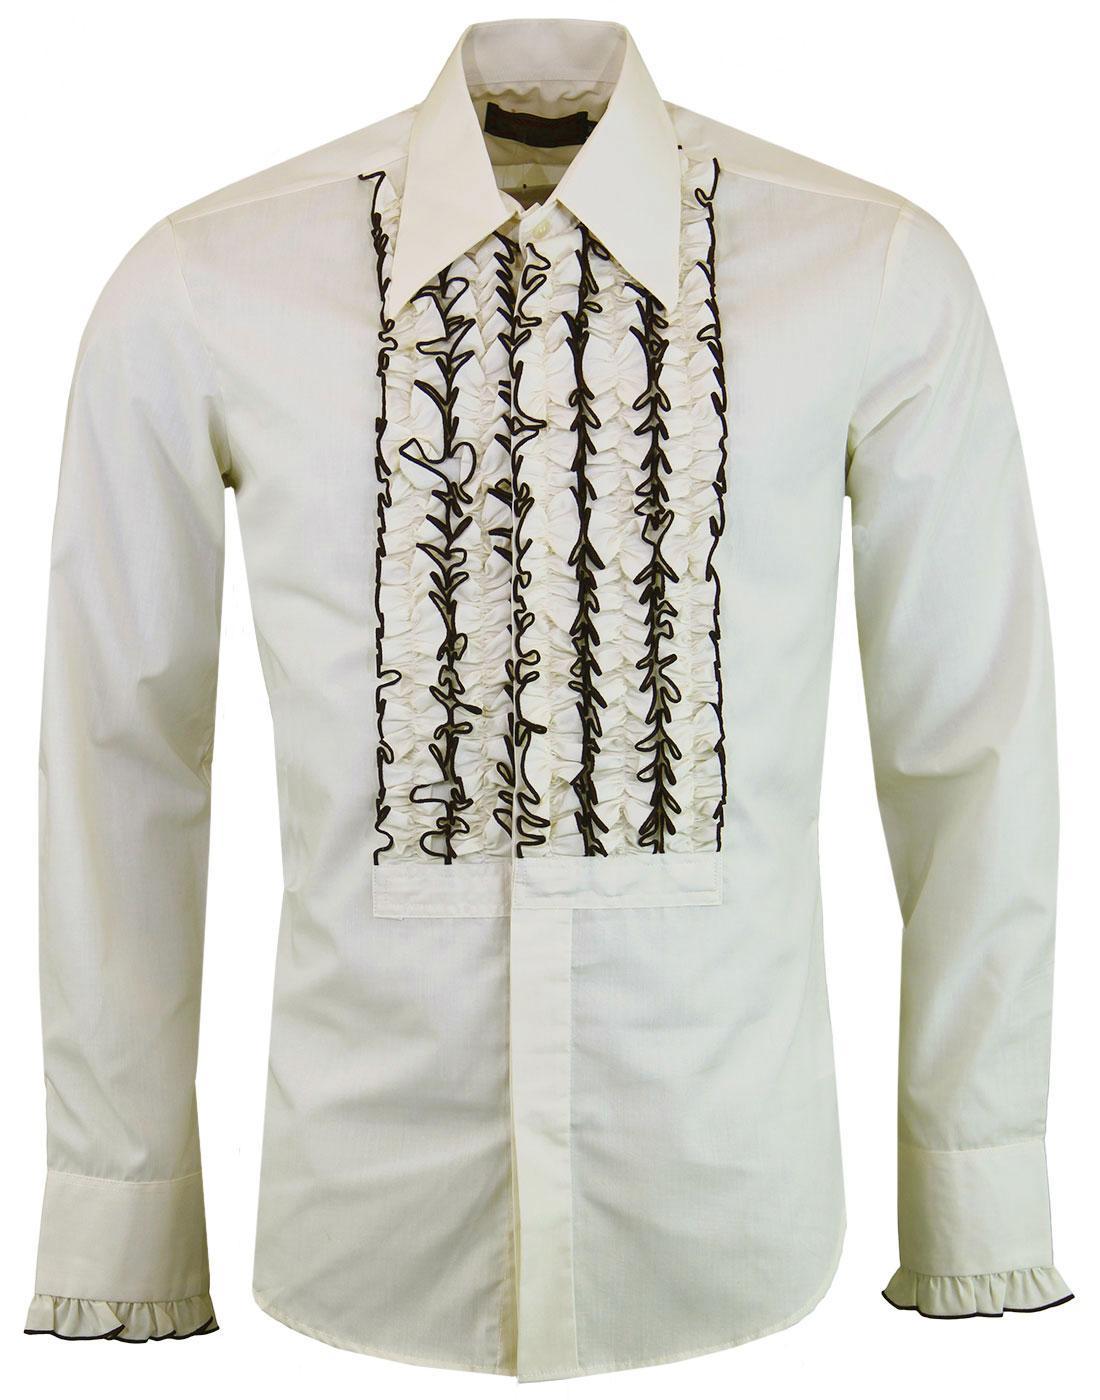 CHENASKI Ruche Frill Retro 1970s Tuxedo Shirt (C)